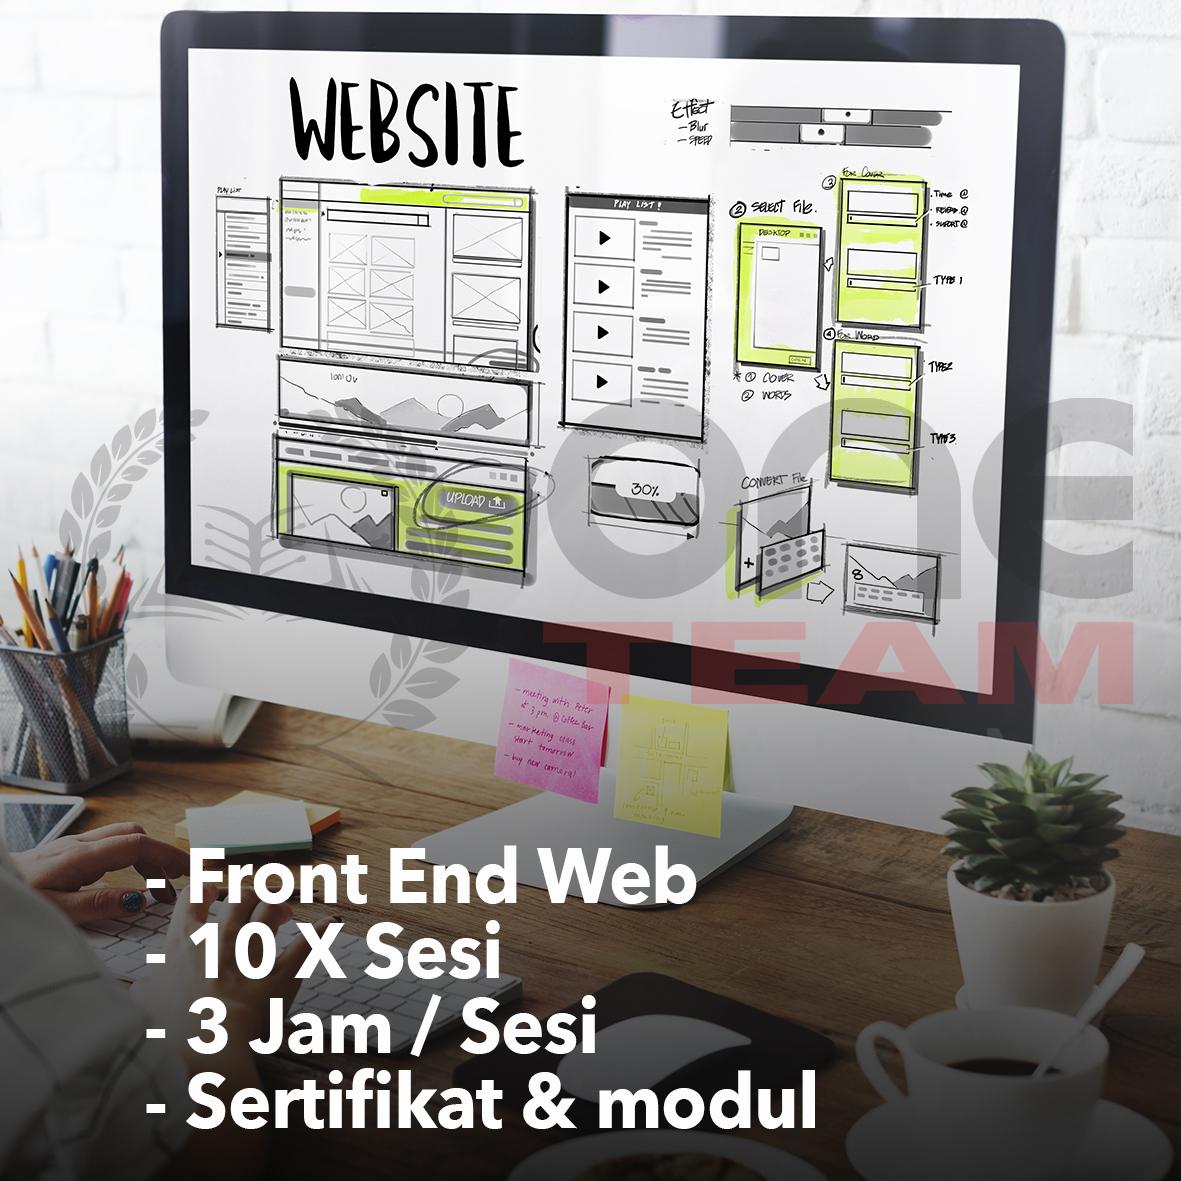 Front End Web